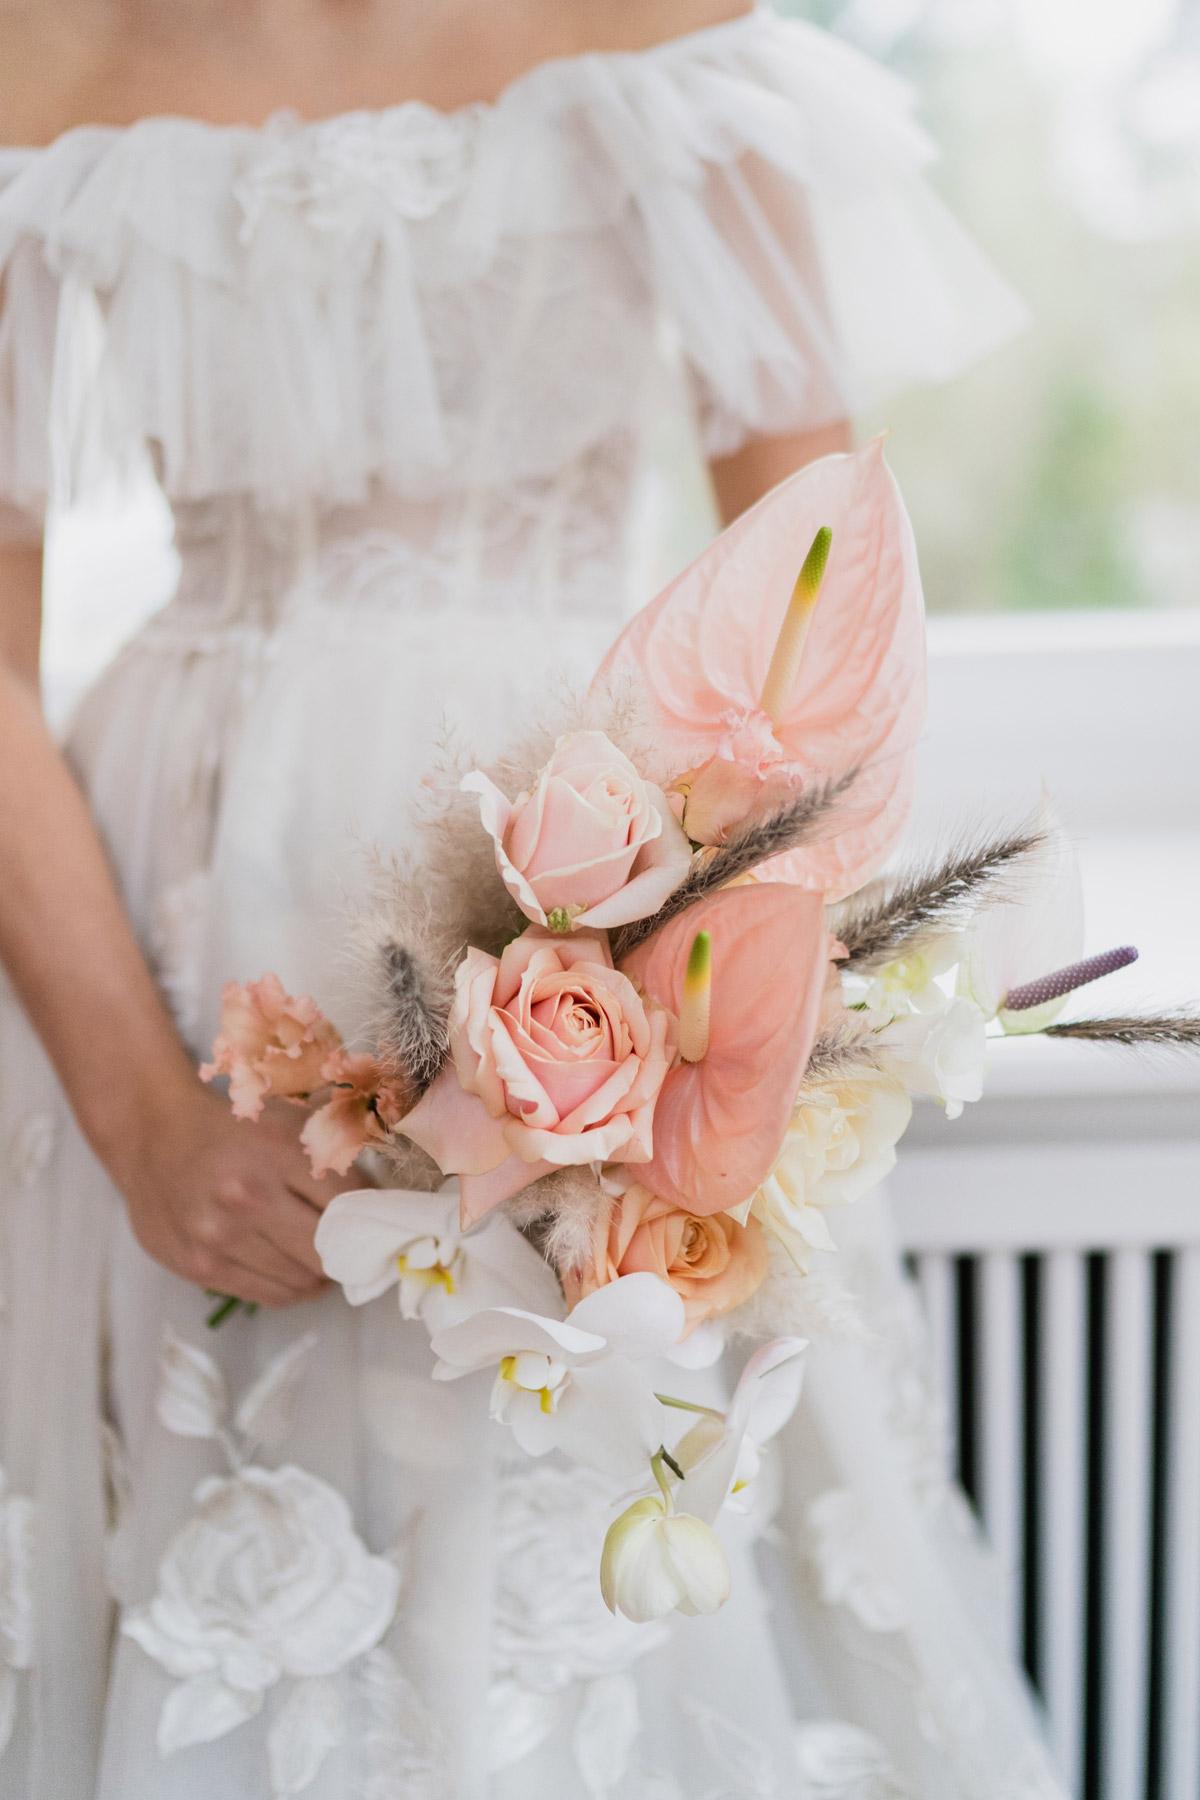 moderne Hochzeitsfotografie Brautkleid schulterfrei mit Spitze und asymmetrischer Brautstrauß Flamingoblumen, Rosen und Orchideen - Moderne Hochzeitsfotografie Berlin © www.hochzeitslicht.de